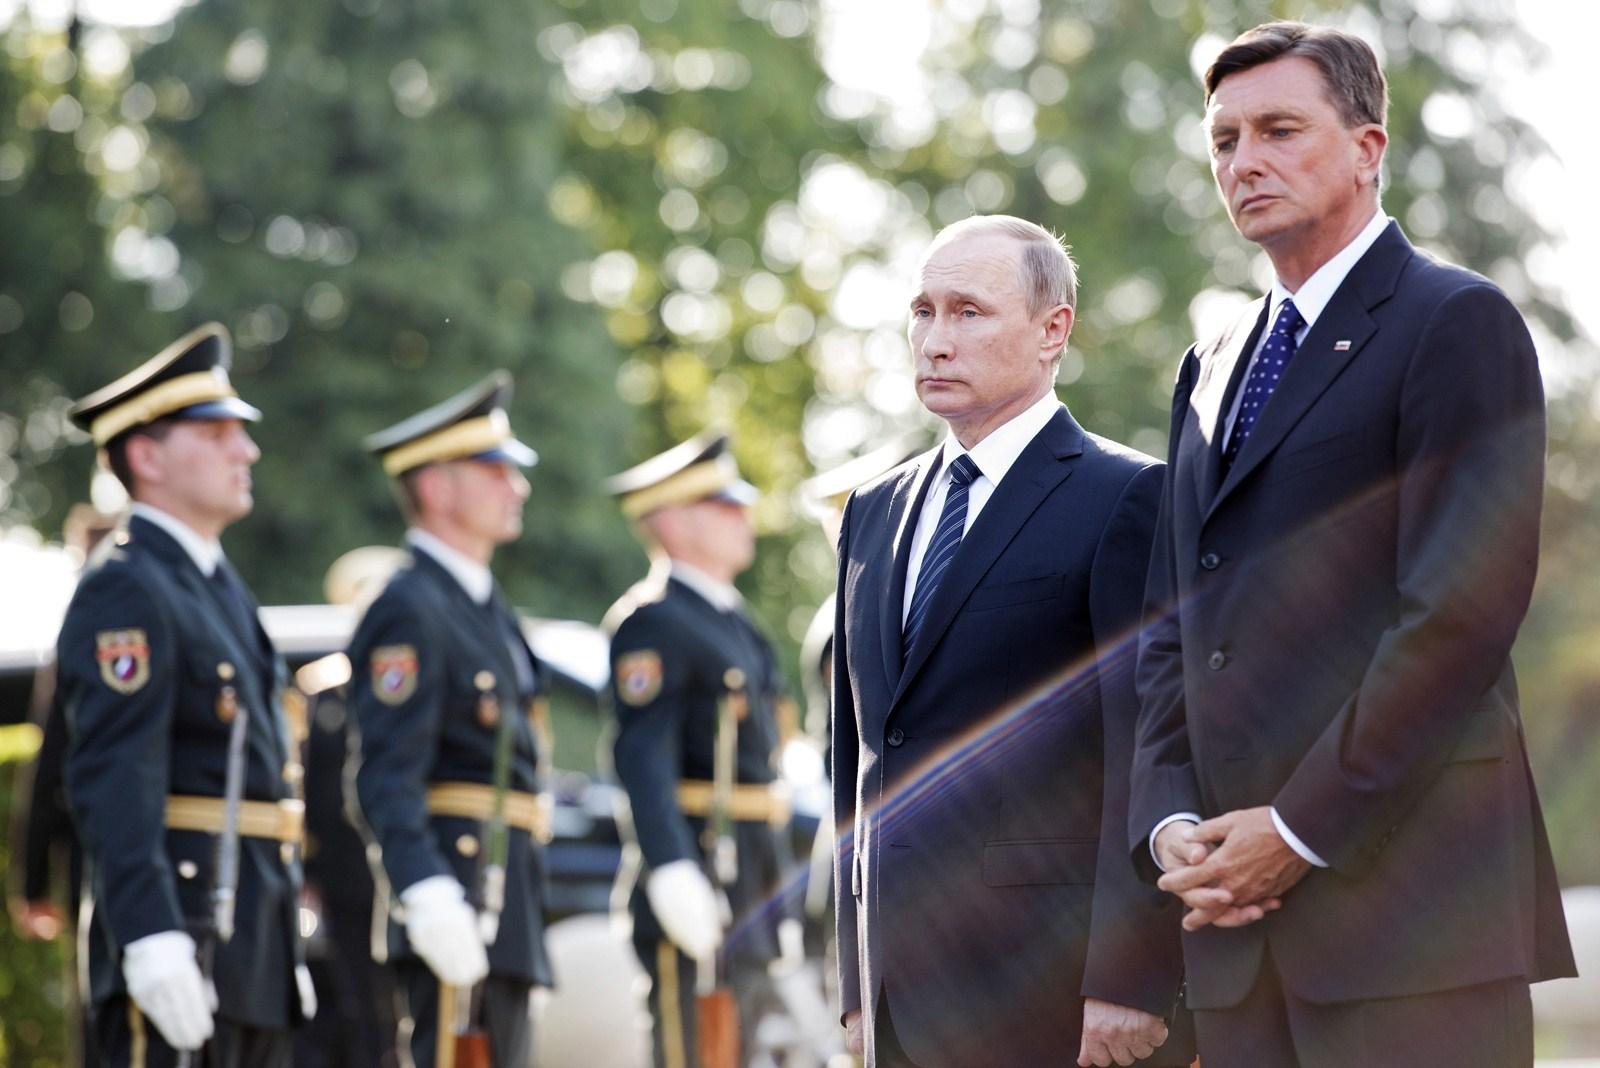 In Slovenia, Putin tests West's sanctions resolve - Northwest